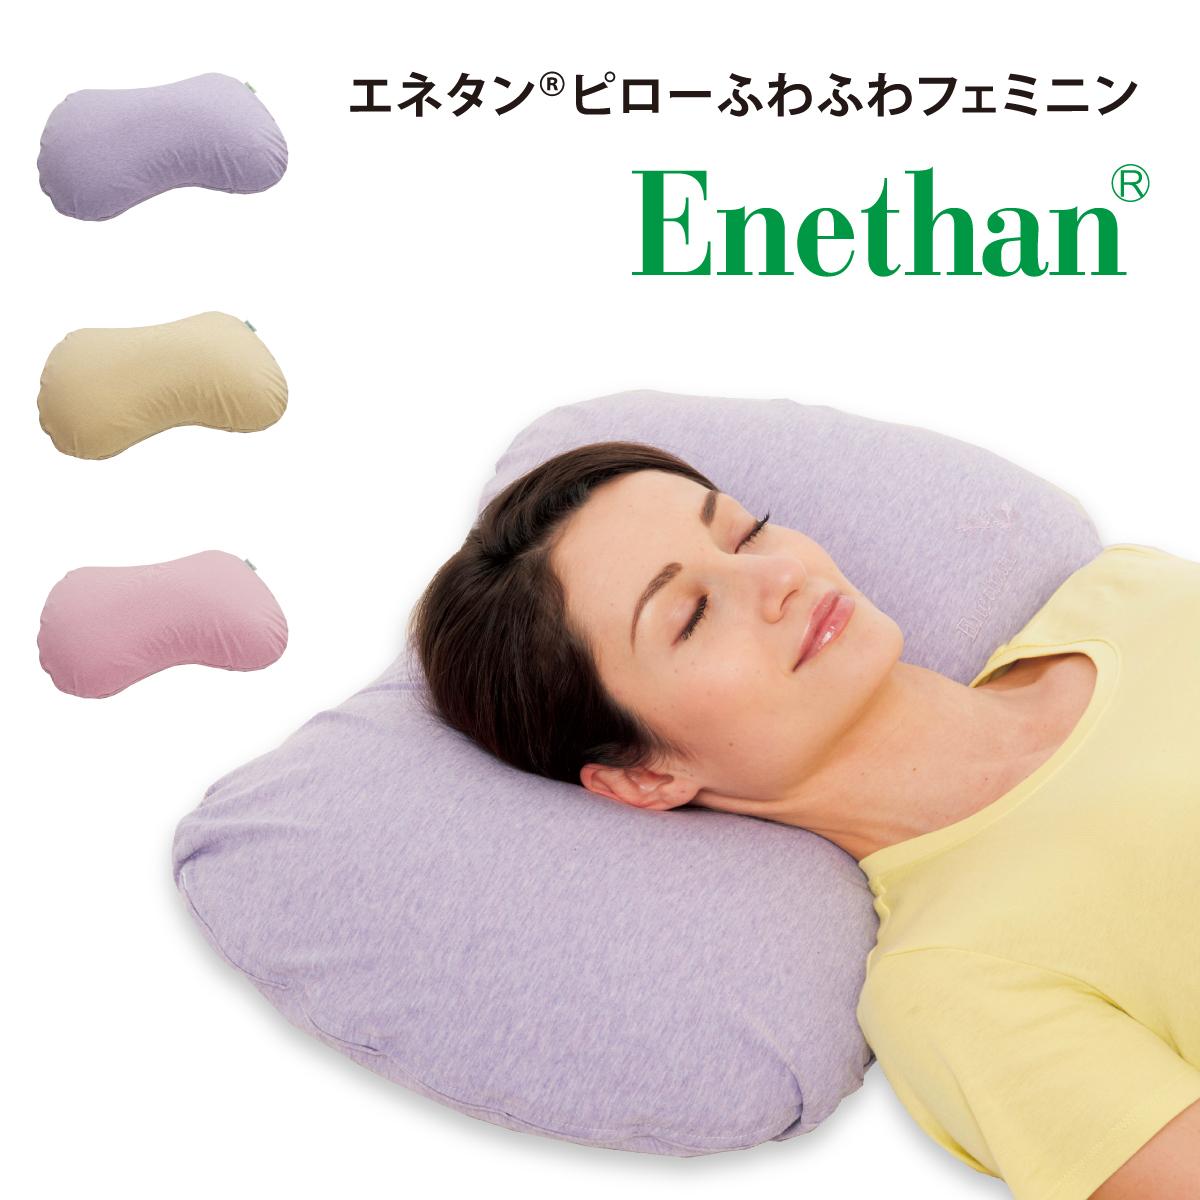 使われる方の頭部と頚部を包み込むように形が変化するエネタンフォームを使用 眠ることが楽しみになる 包み込まれるような心地よさです 快眠をサポートする低反発枕 肩こりや首の疲れにおすすめのピロー エネタン 幅60 高さ8 半額 首枕 ネックピロー 安眠 寝やすい枕 肩 洗える枕 肩こり 予約販売 ウレタン 綿100